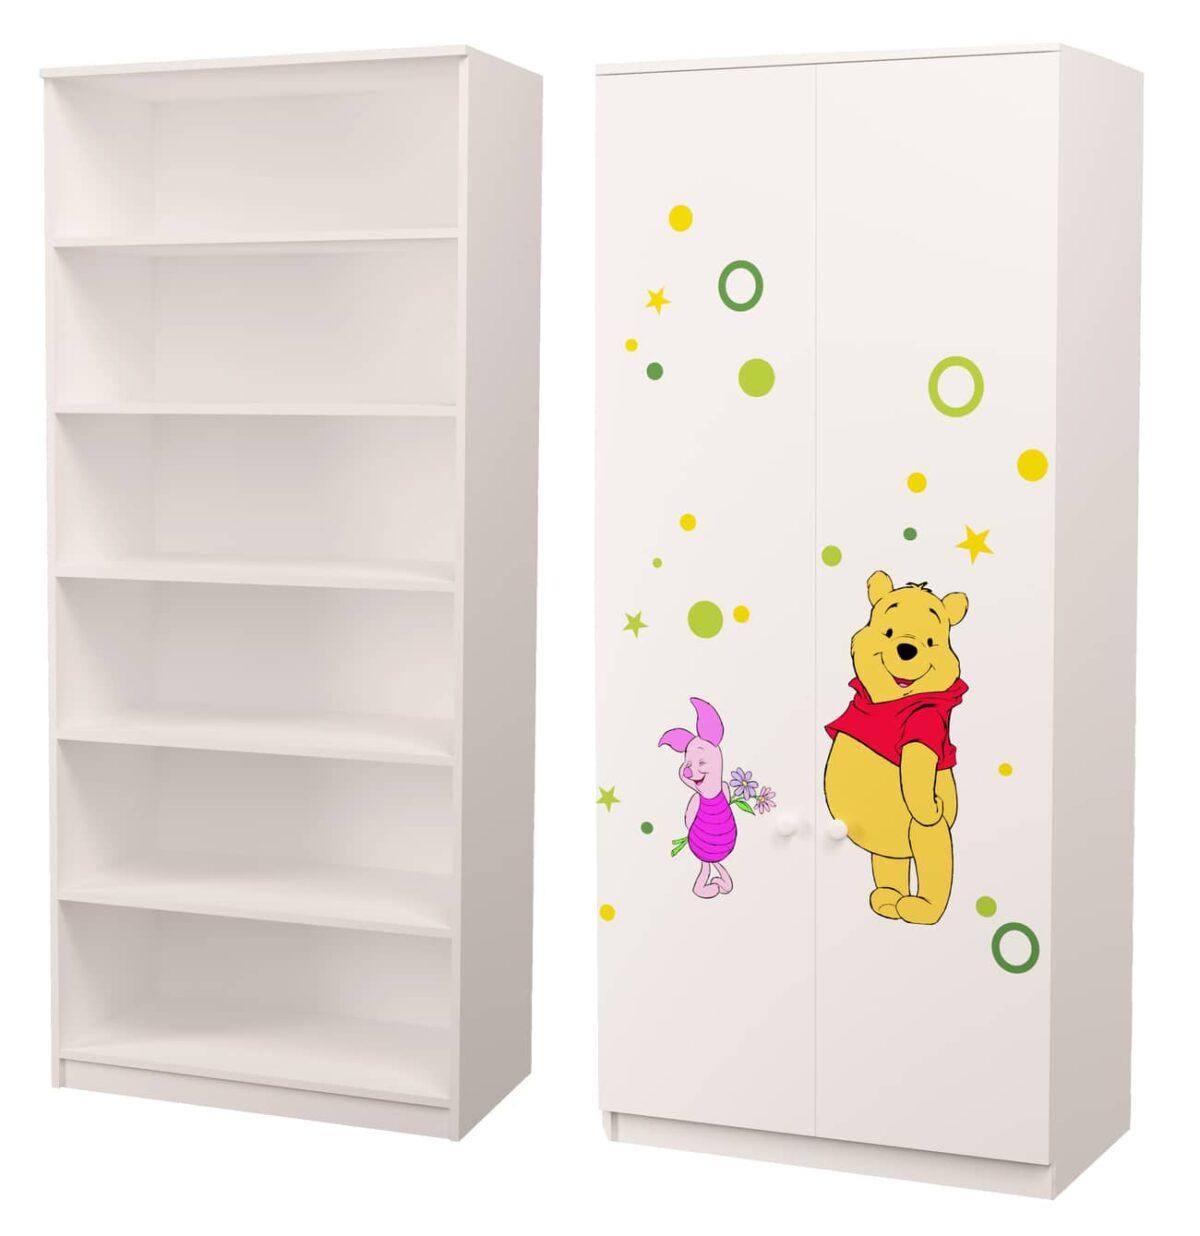 бельевой шкаф для ребенка винни